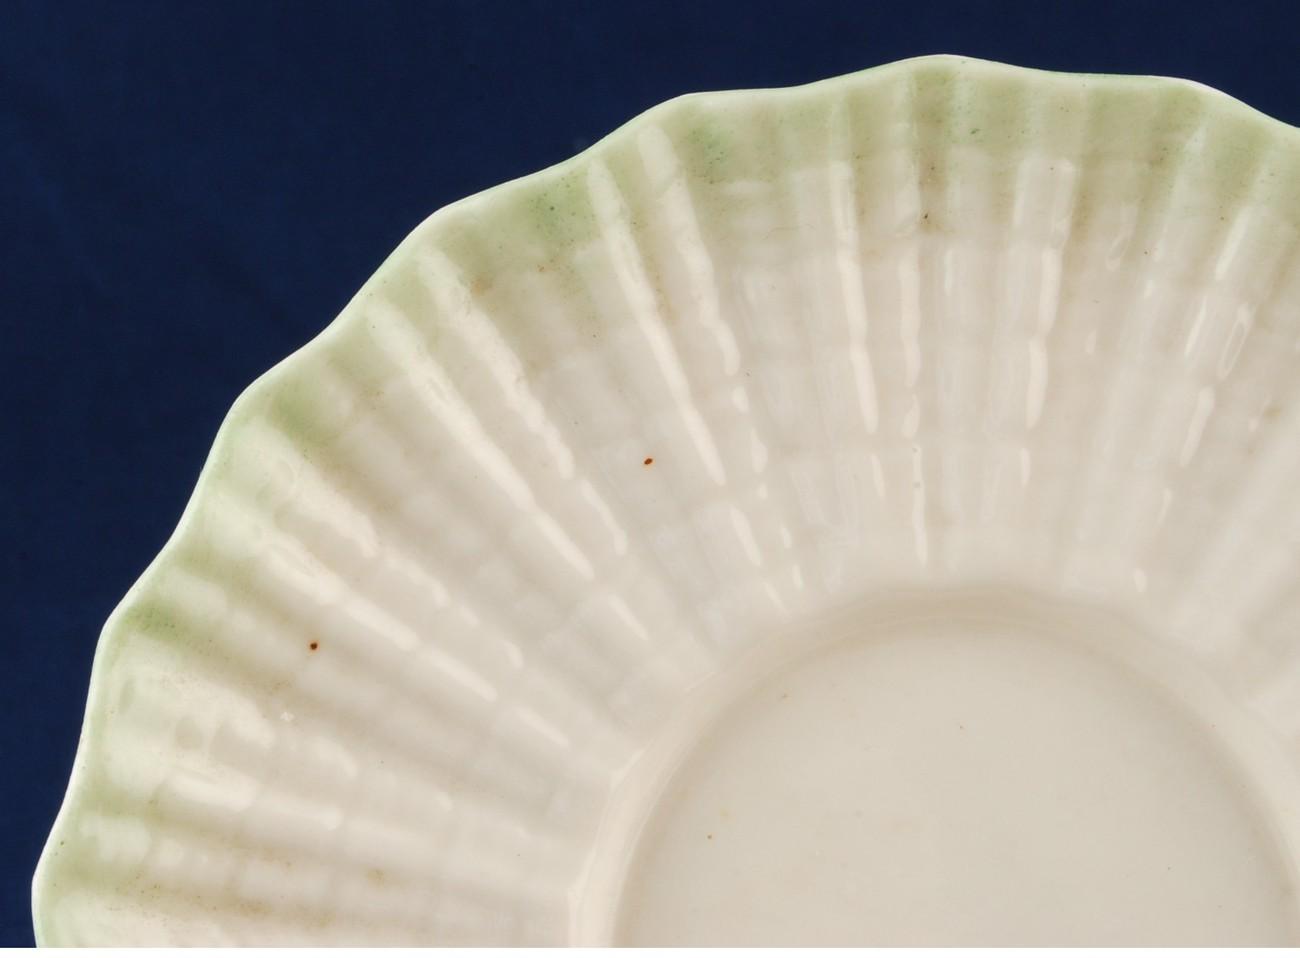 Belleek Neptune Green Shell Saucer 1891 - 1926 Black Mark